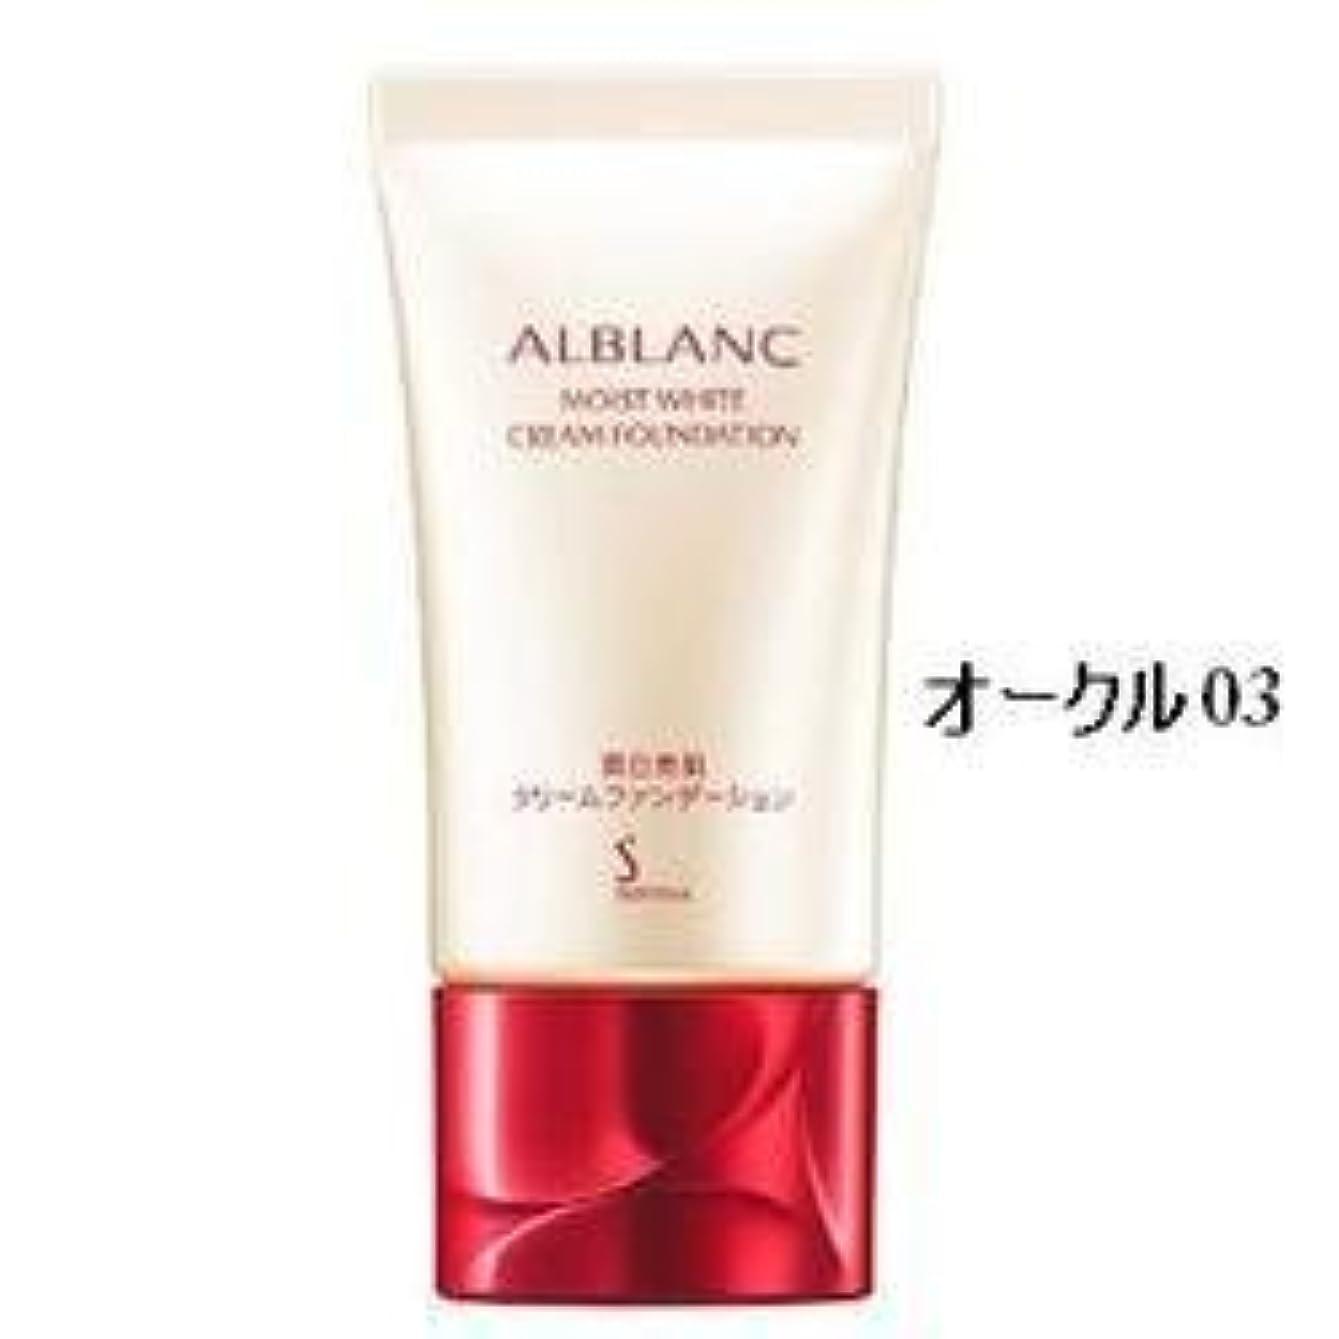 スペインフクロウアソシエイト花王 ソフィーナ アルブラン 潤白美肌 クリームファンデーション オークル03